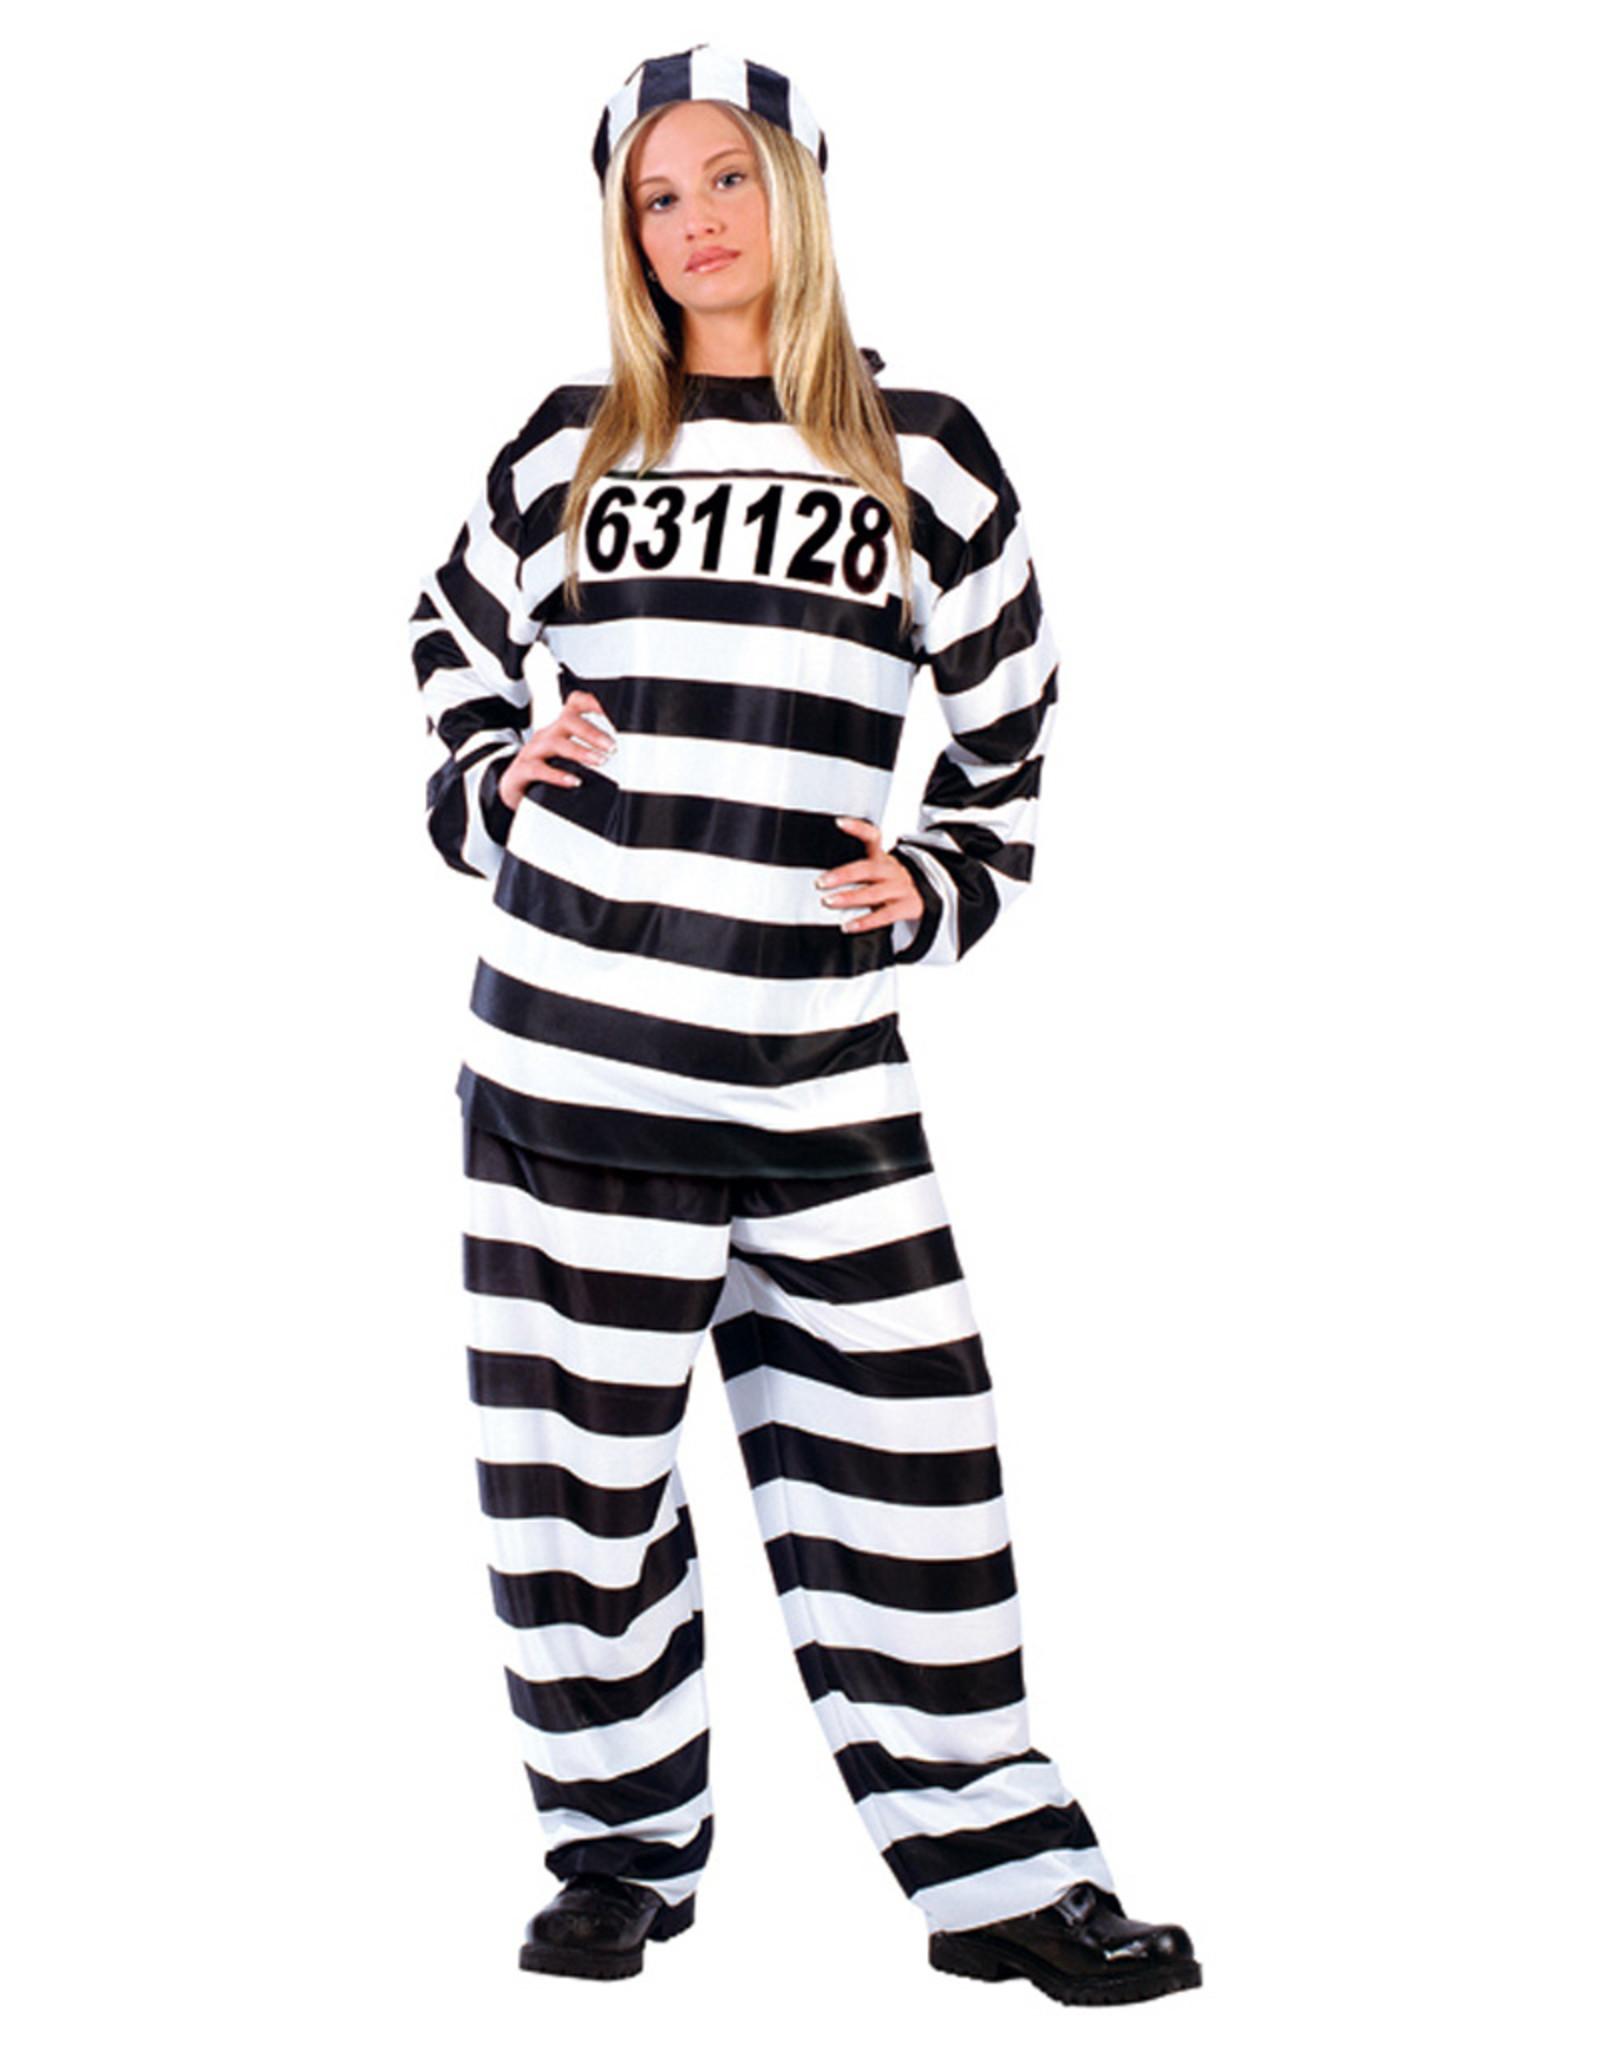 FUN WORLD Jailhouse Honey Costume - Women's